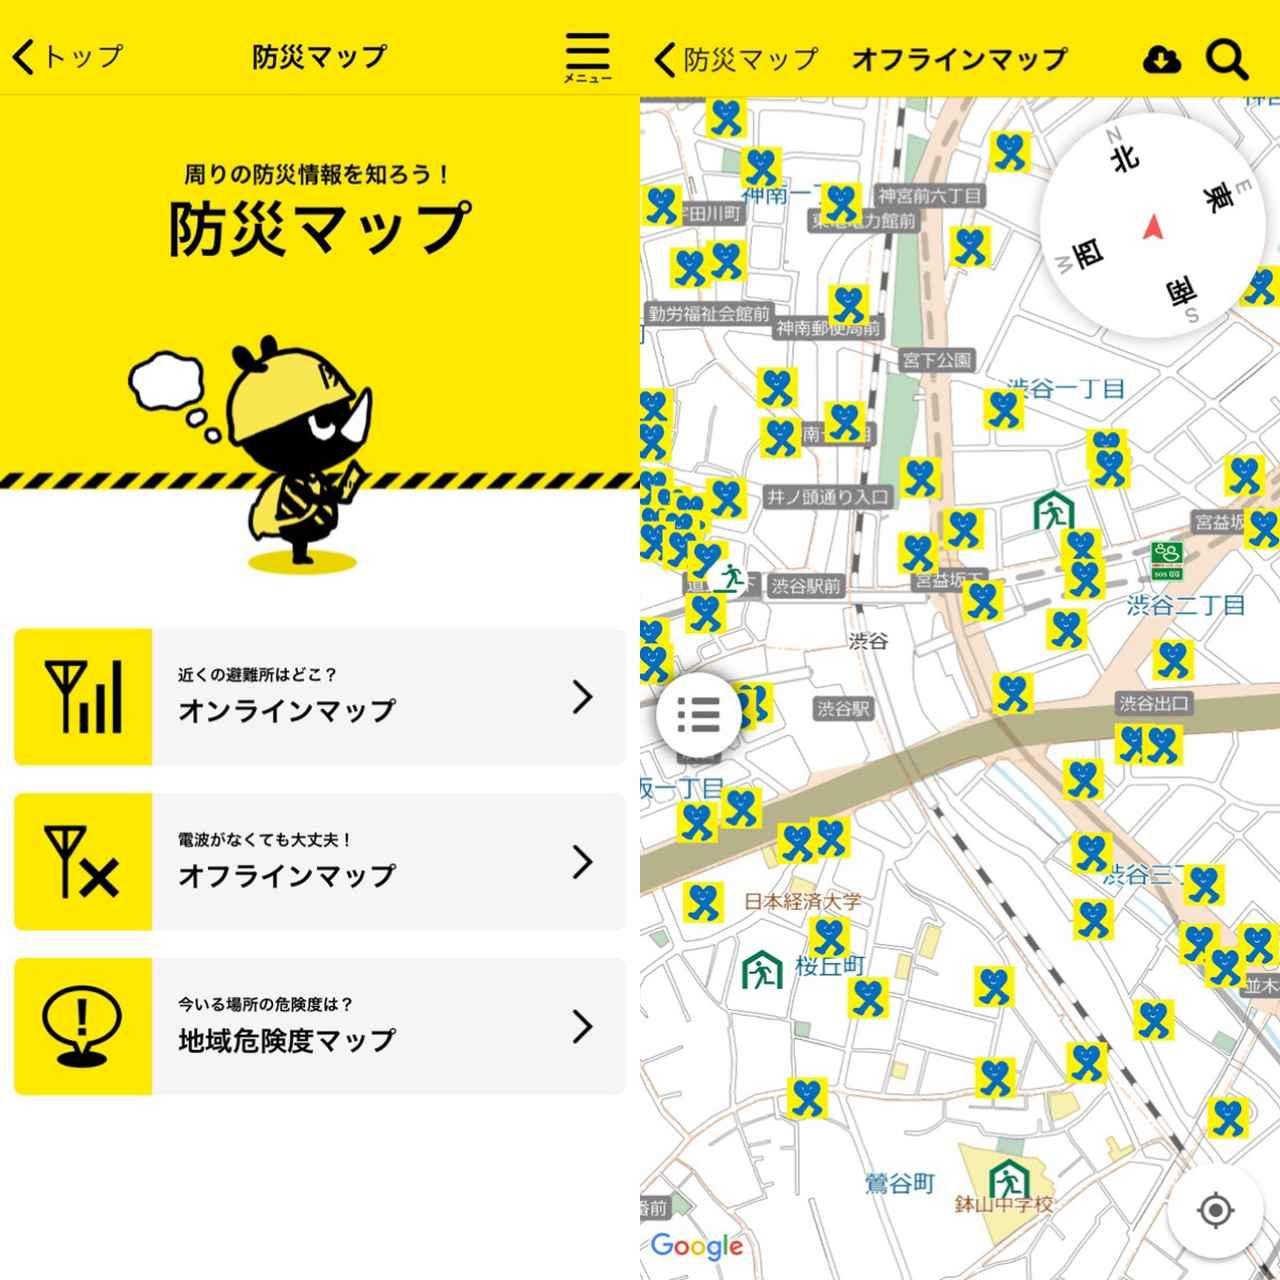 画像1: 防災マップはオフラインでも使用可能。よくいる場所はダウンロードを。